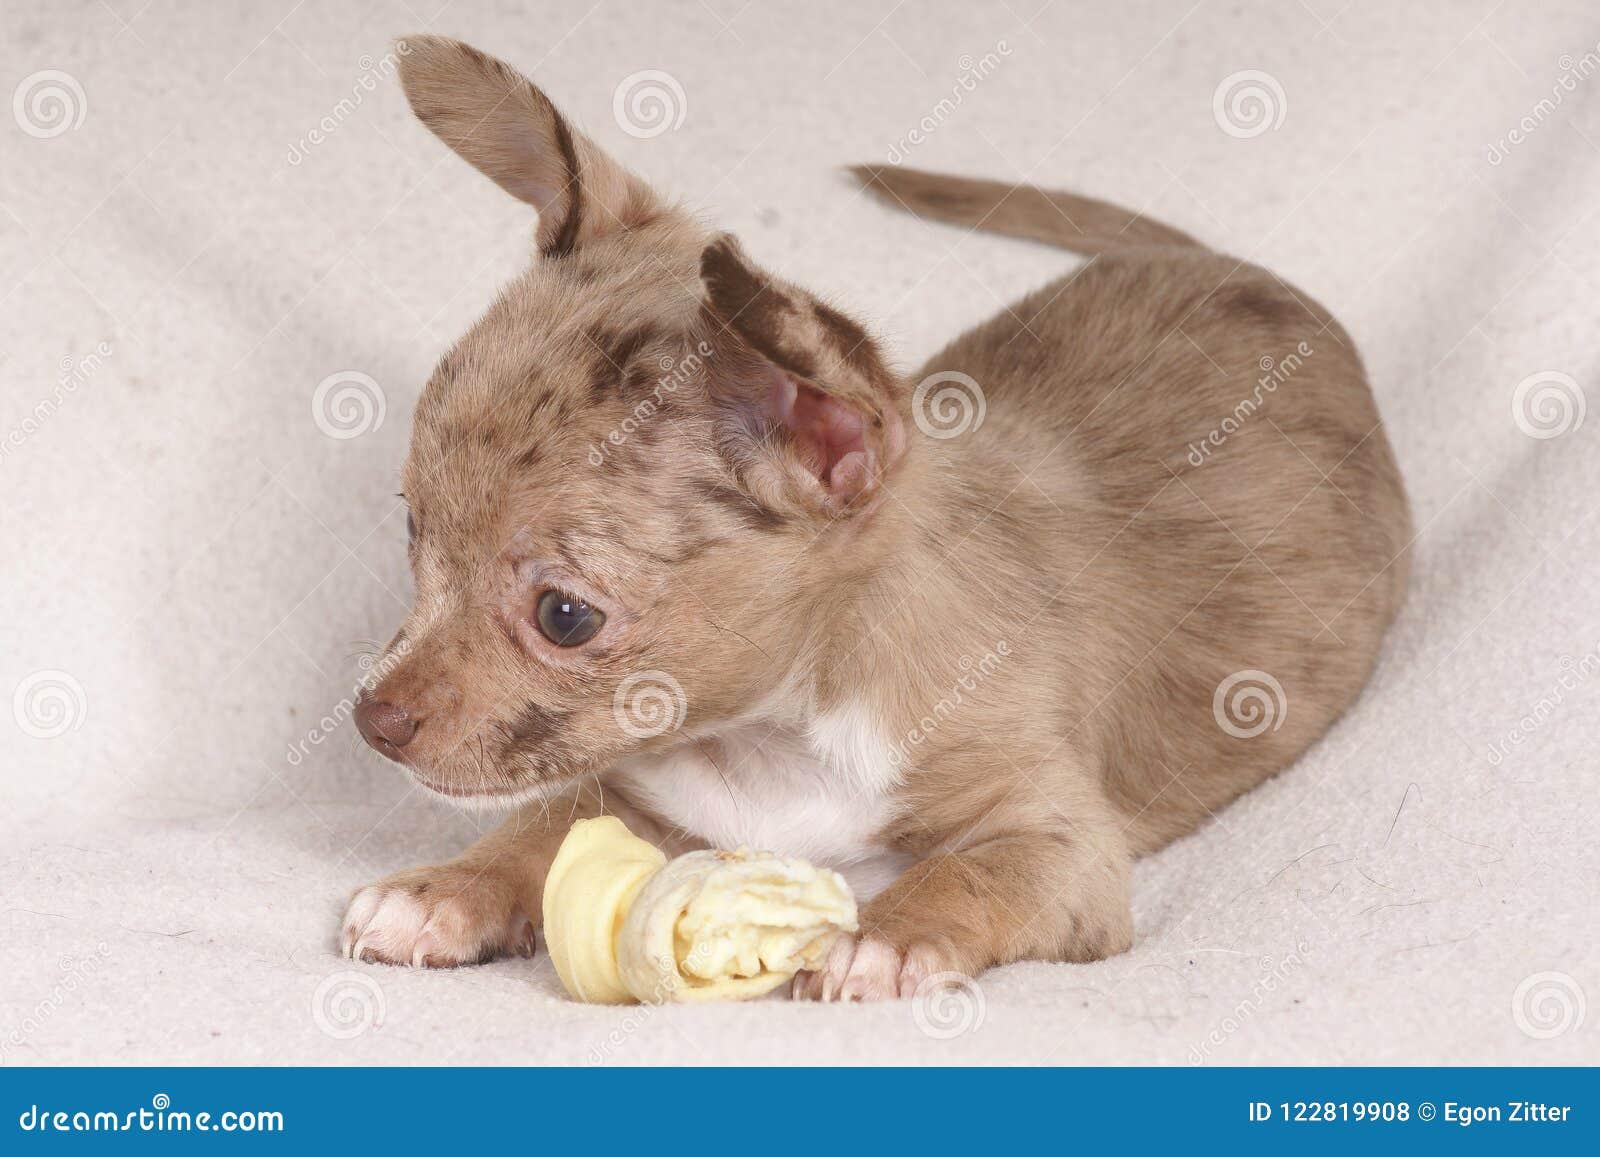 μικρό σκυλί που μασά ένα κόκκαλο